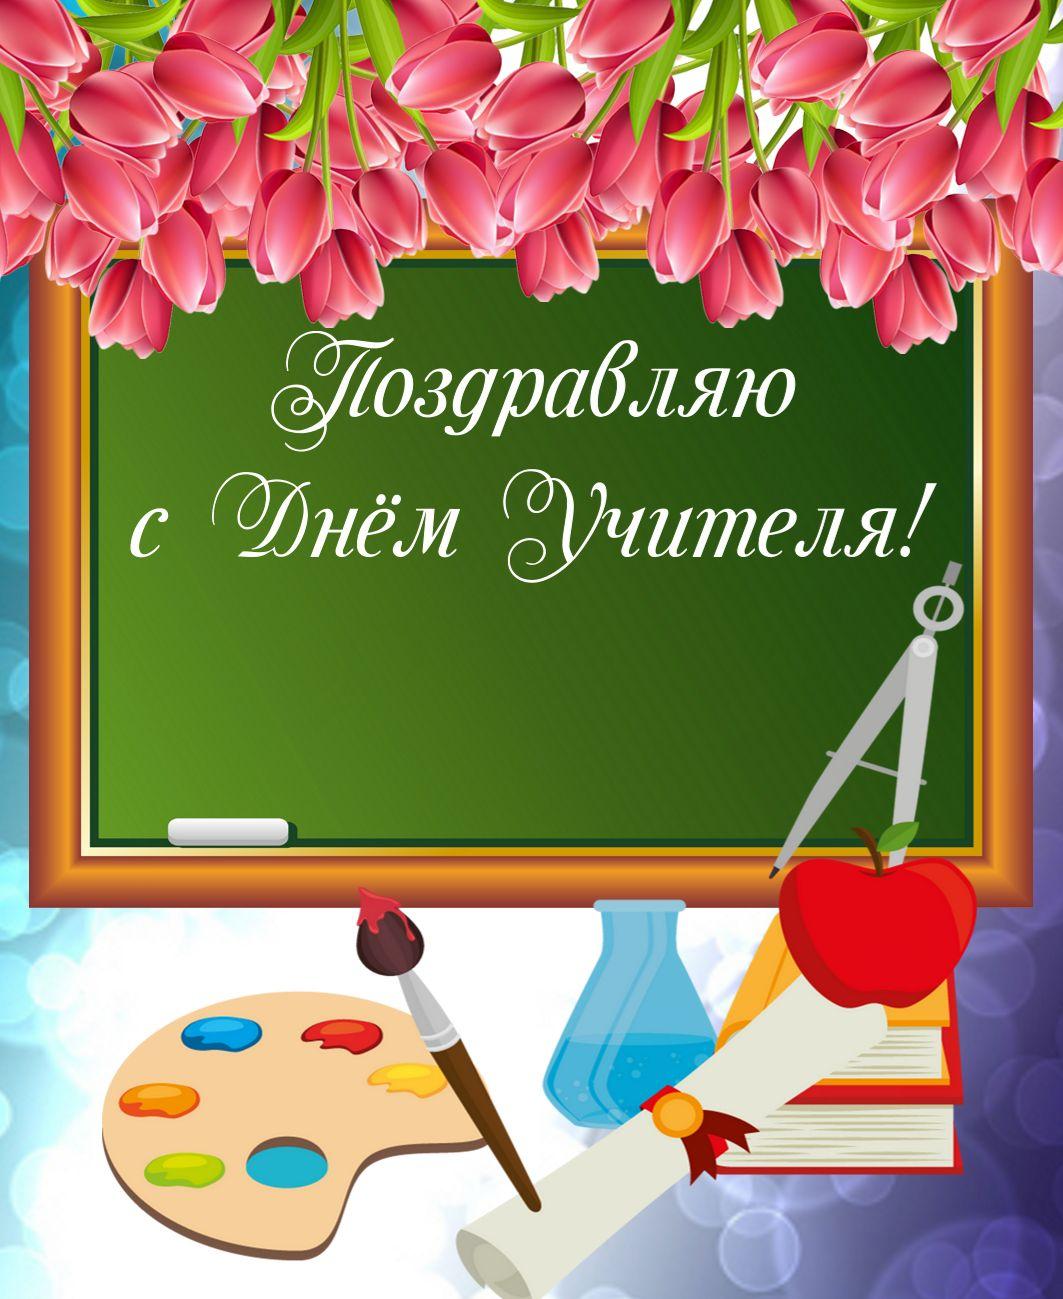 Картинки девочки, открытка на день учителей